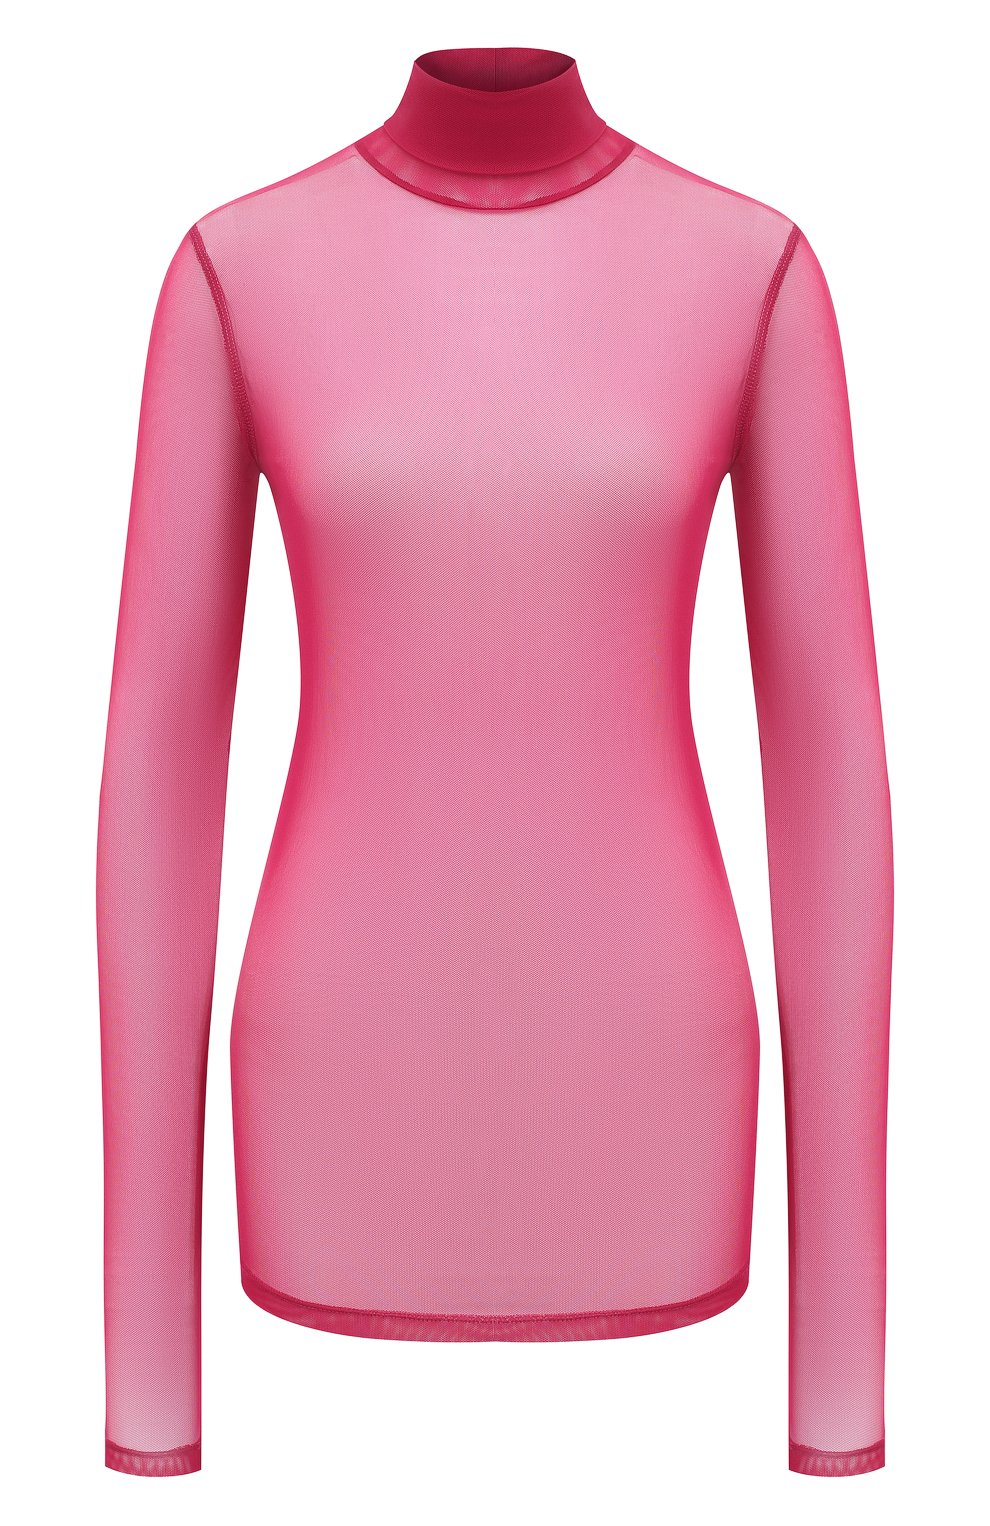 Женская водолазка DRIES VAN NOTEN фуксия цвета, арт. 202-11146-1202 | Фото 1 (Женское Кросс-КТ: Водолазка-одежда; Рукава: Длинные; Материал внешний: Синтетический материал; Длина (для топов): Удлиненные)